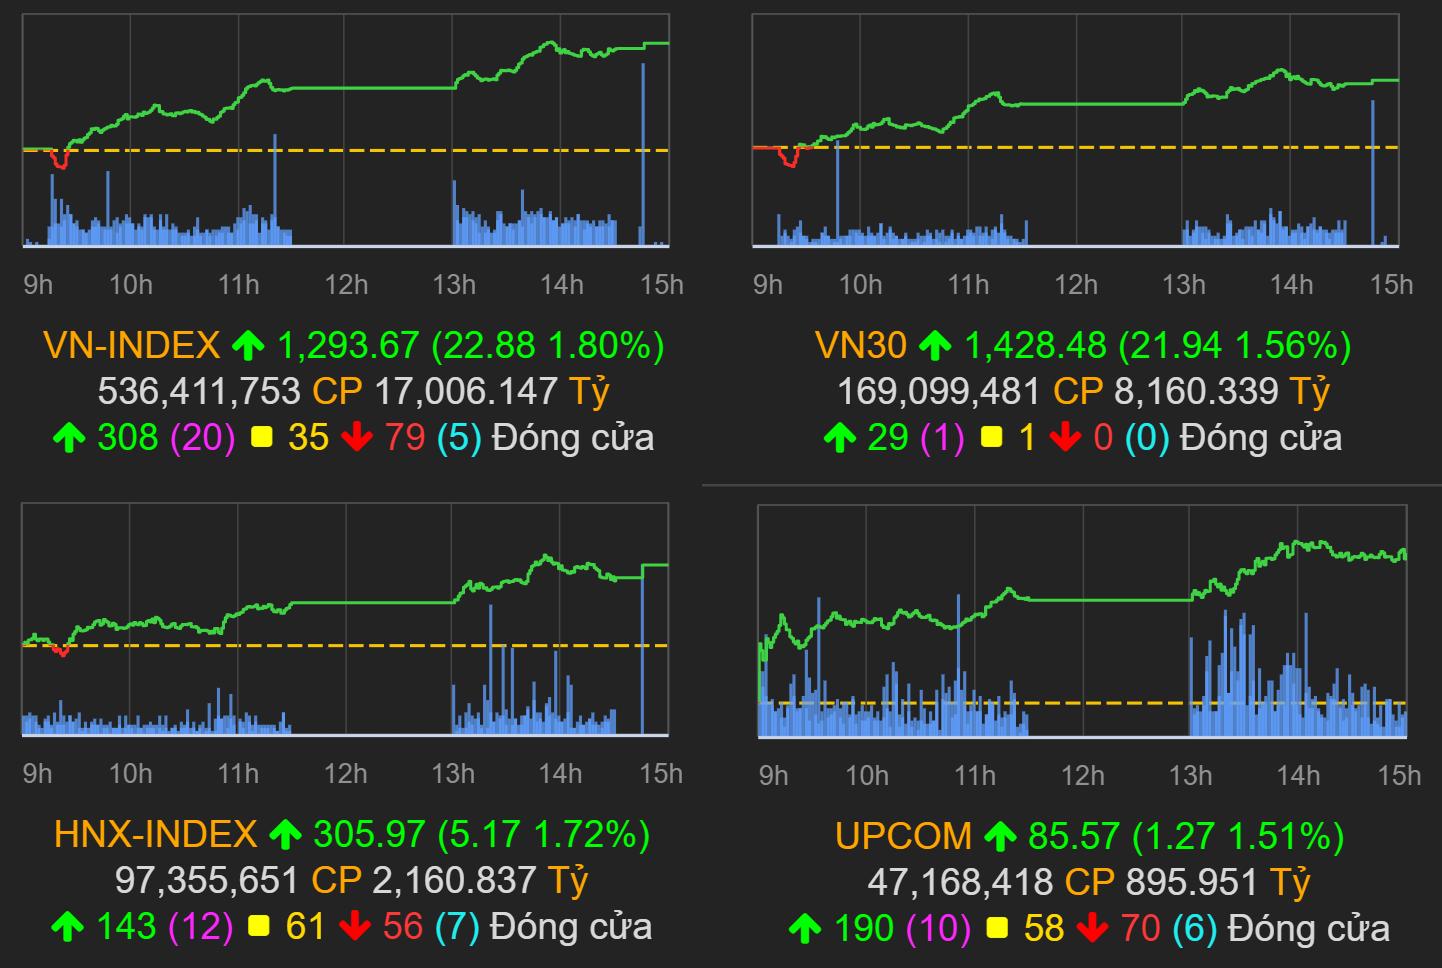 Thị trường chứng khoán (22/7): Nhóm BĐS, ngân hàng dẫn sóng, VN-Index bật tăng gần 23 điểm - Ảnh 1.